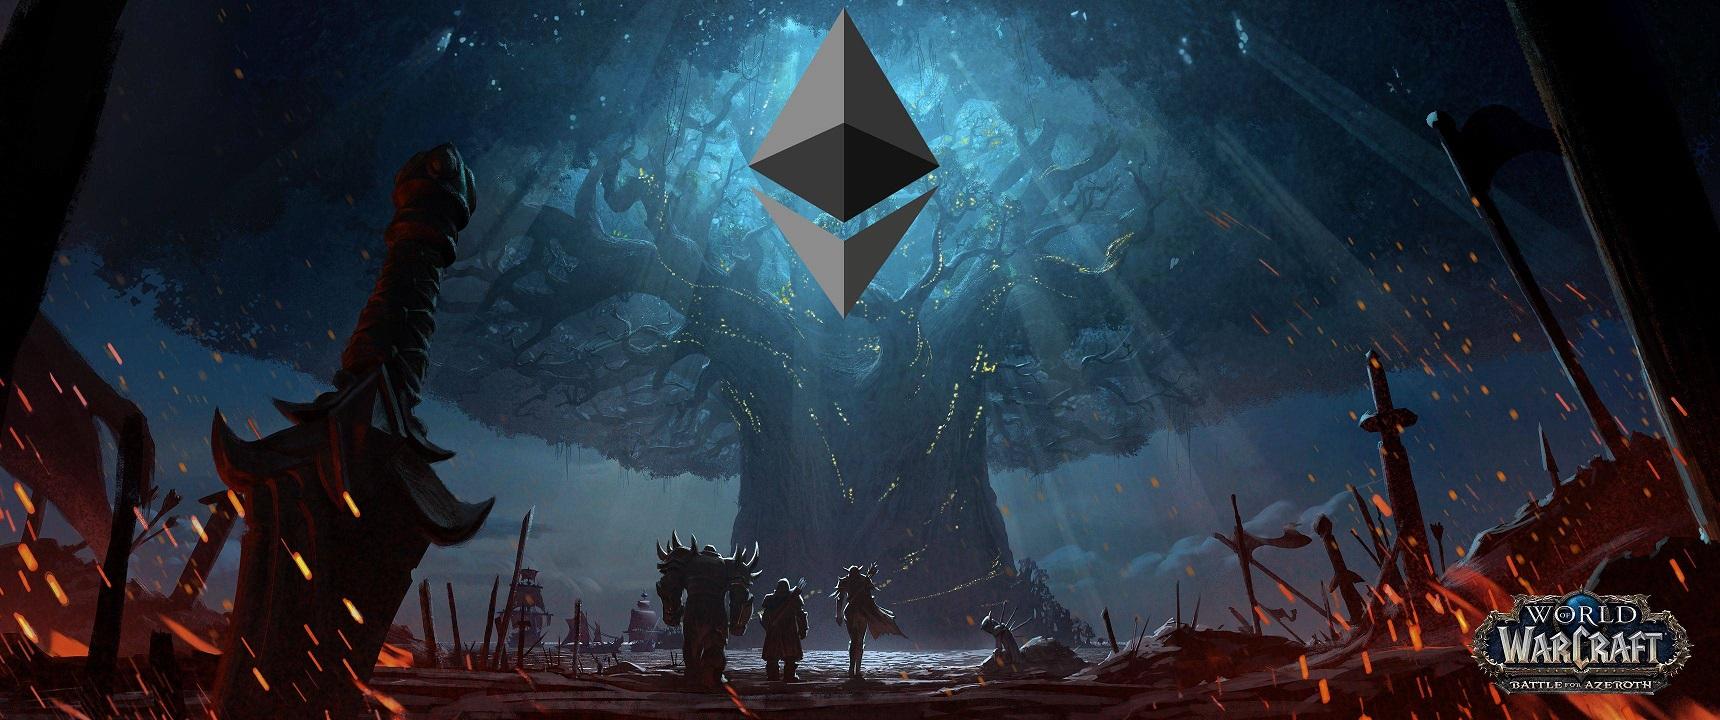 Nguồn gốc ra đời Ethereum: Hóa ra liên quan đến… World of Warcraft